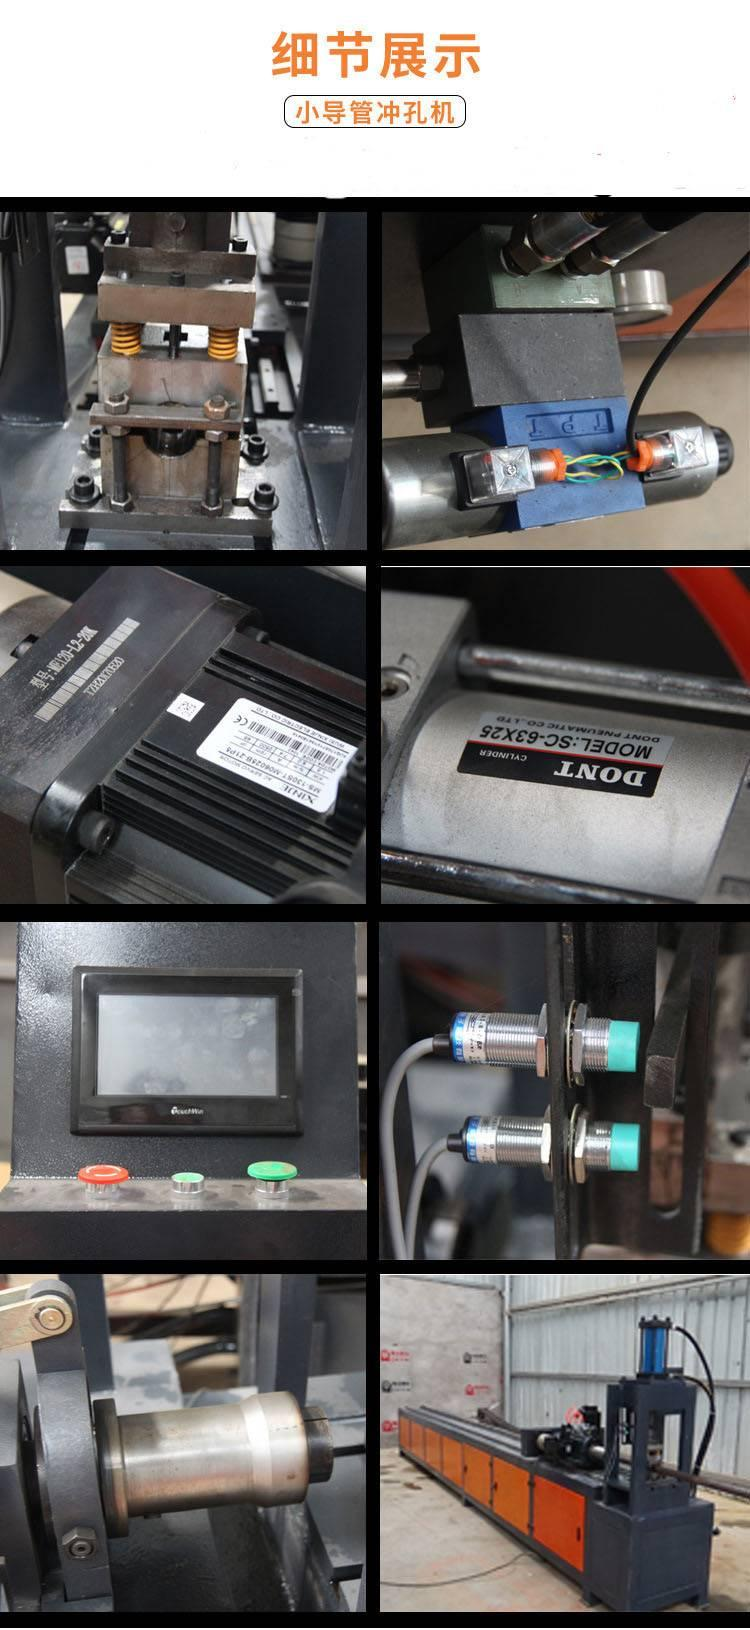 甘肃兰州数控小导管打孔机小导管打孔机物美价廉